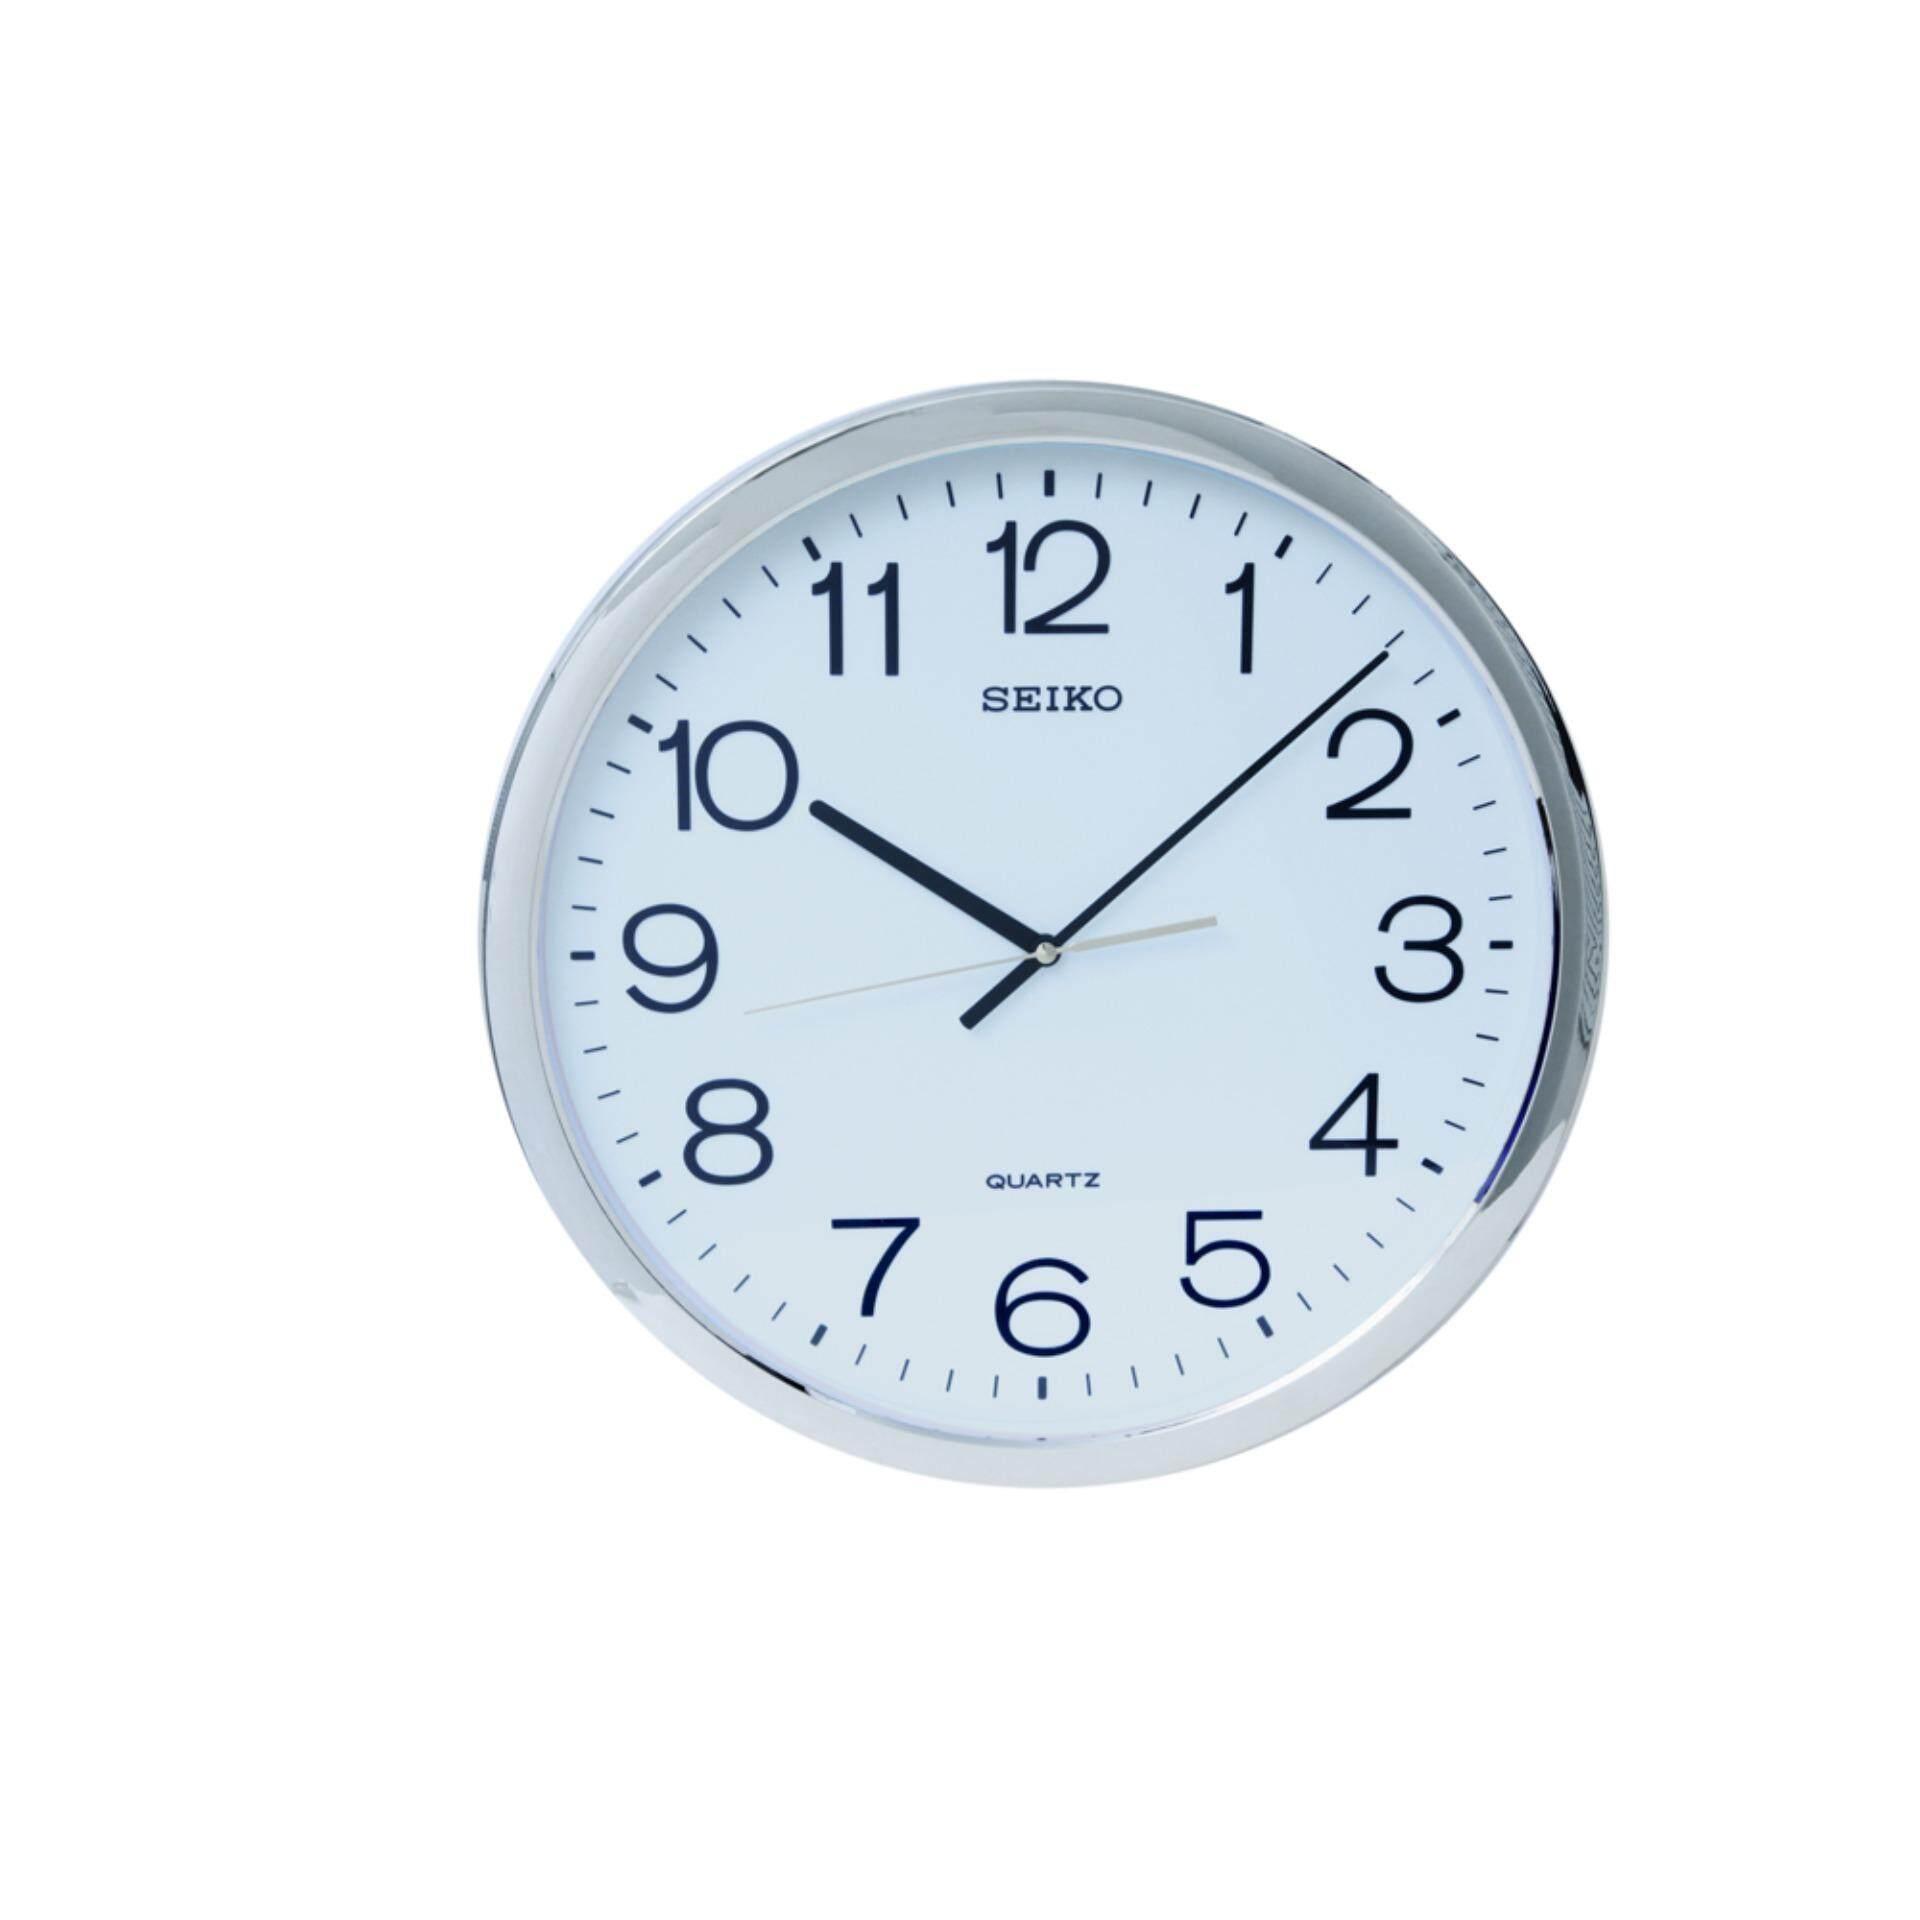 ส่วนลด Seiko Clocks นาฬิกาแขวน รุ่น Pda014S Seiko Clocks สมุทรปราการ